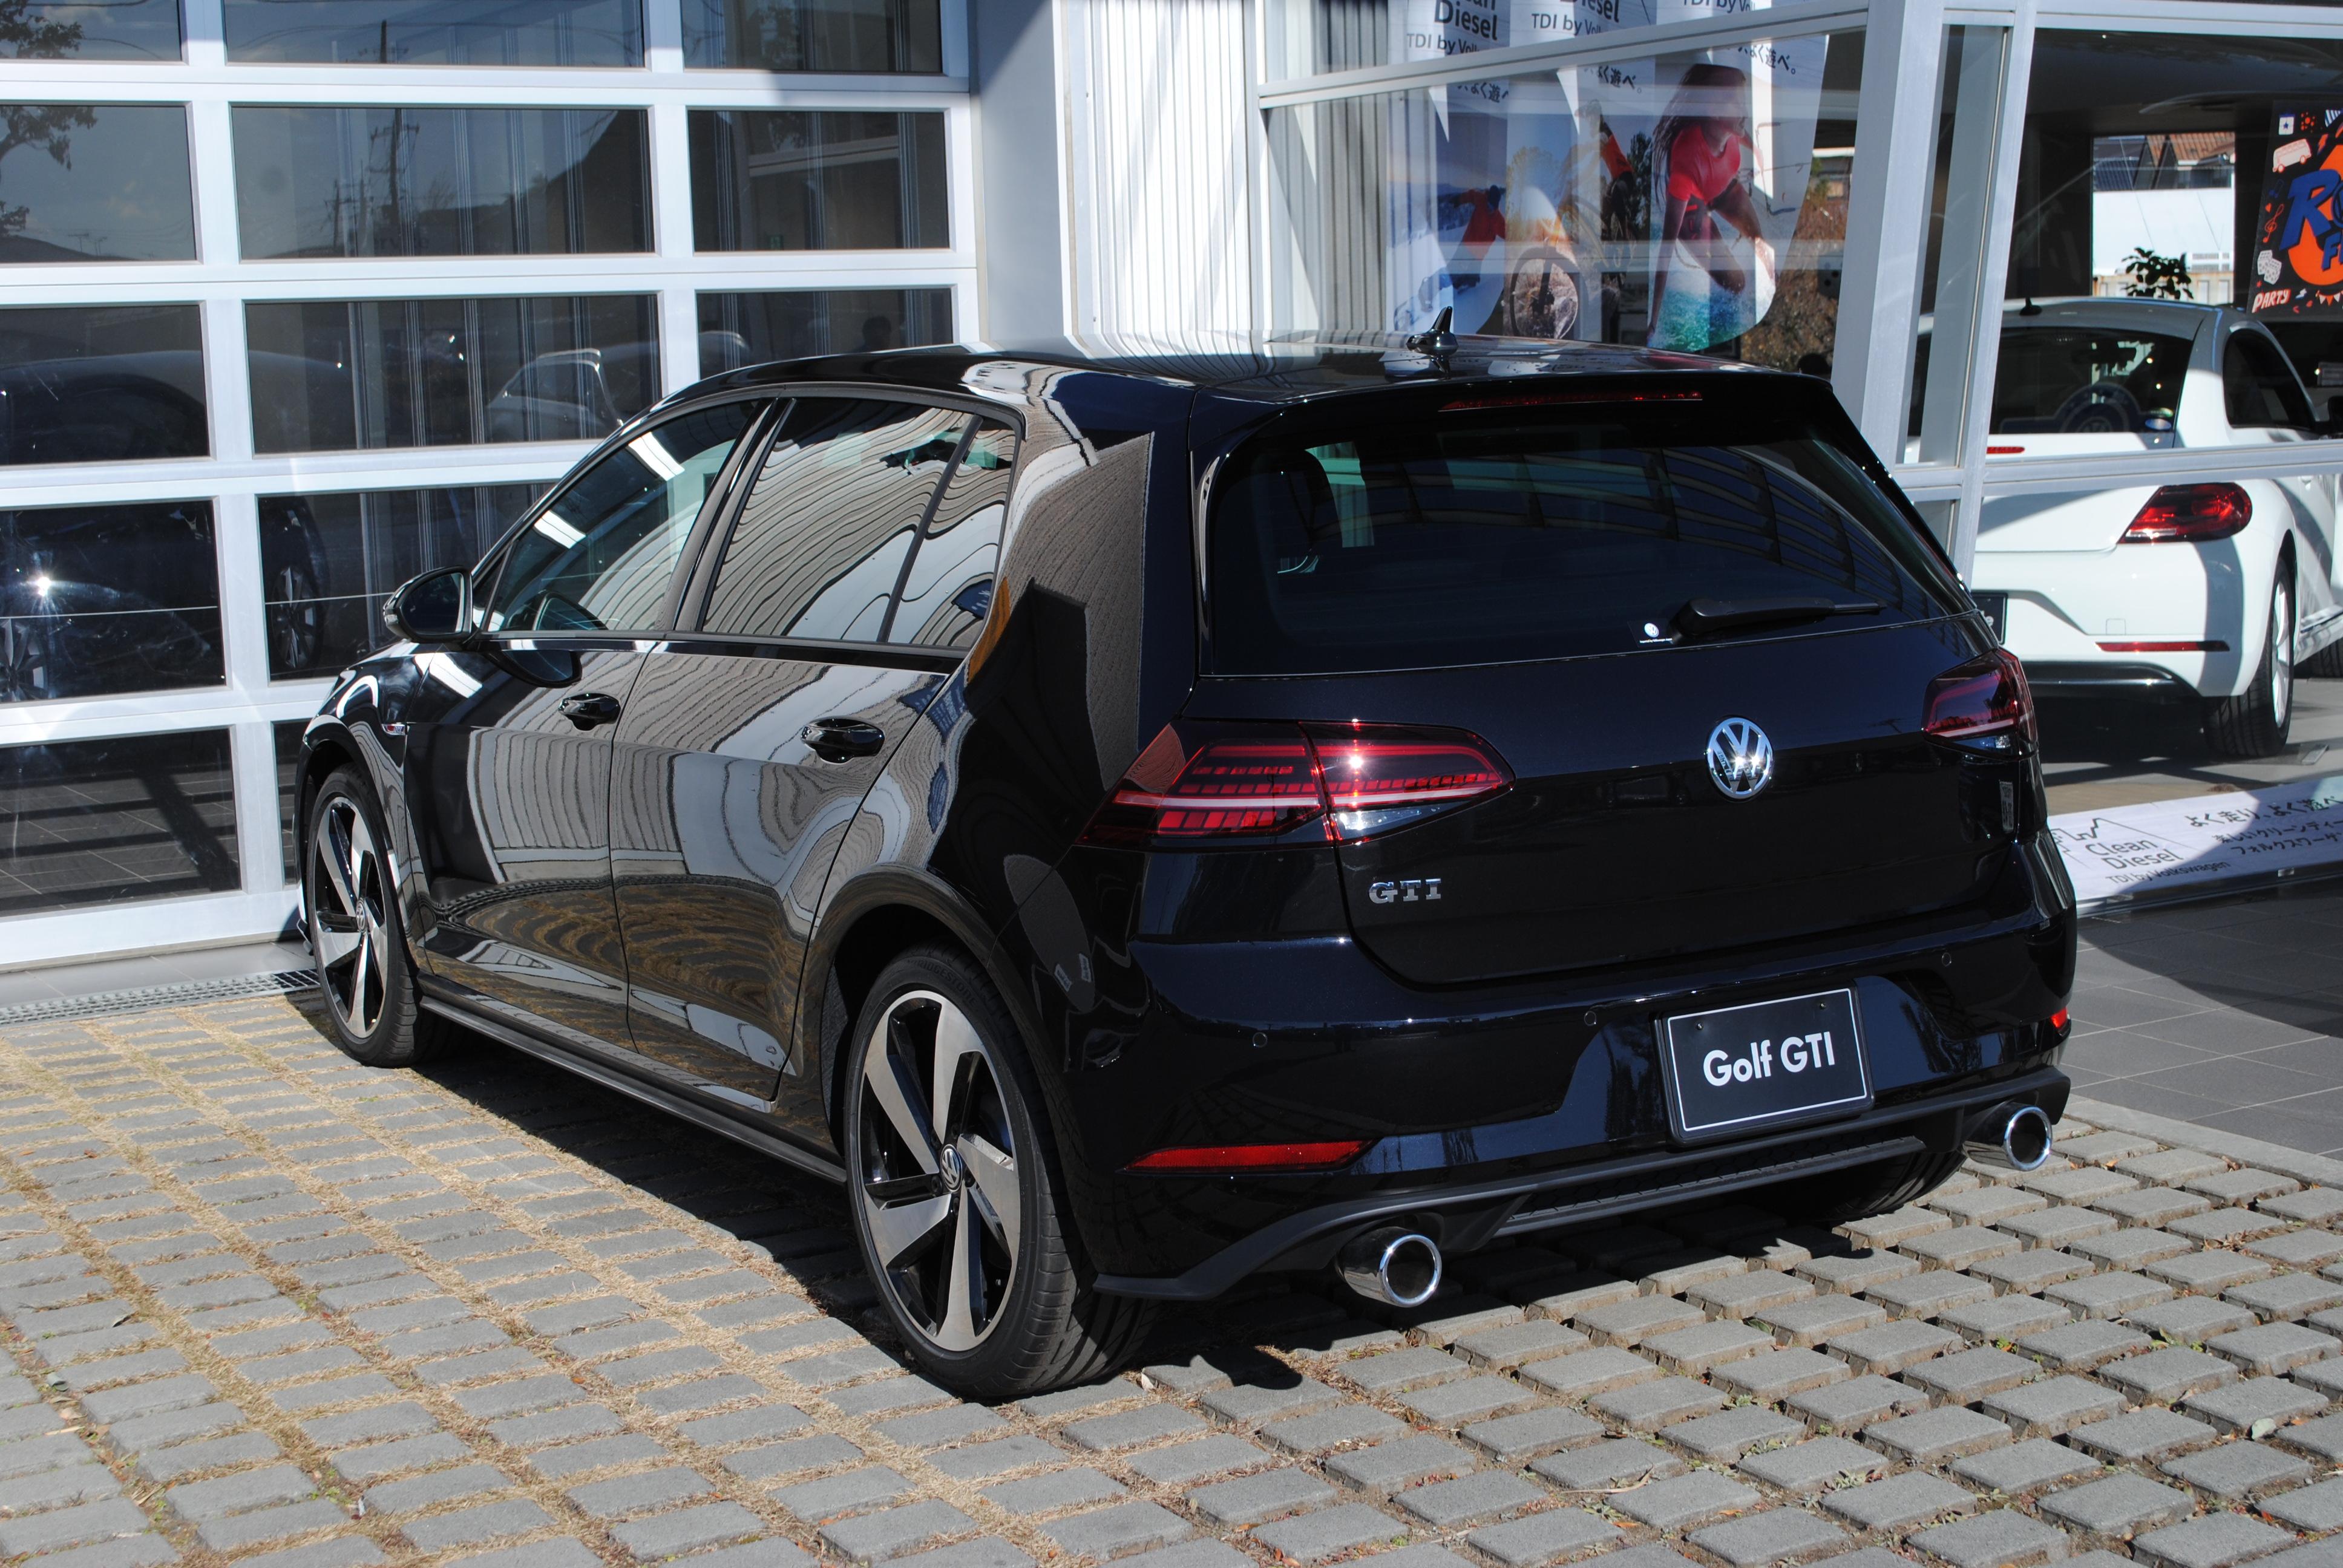 Golf GTI 【6速マニュアル】純正インフォテイメントシステム・テクロノジーパッケージ・DCC装着車の画像2